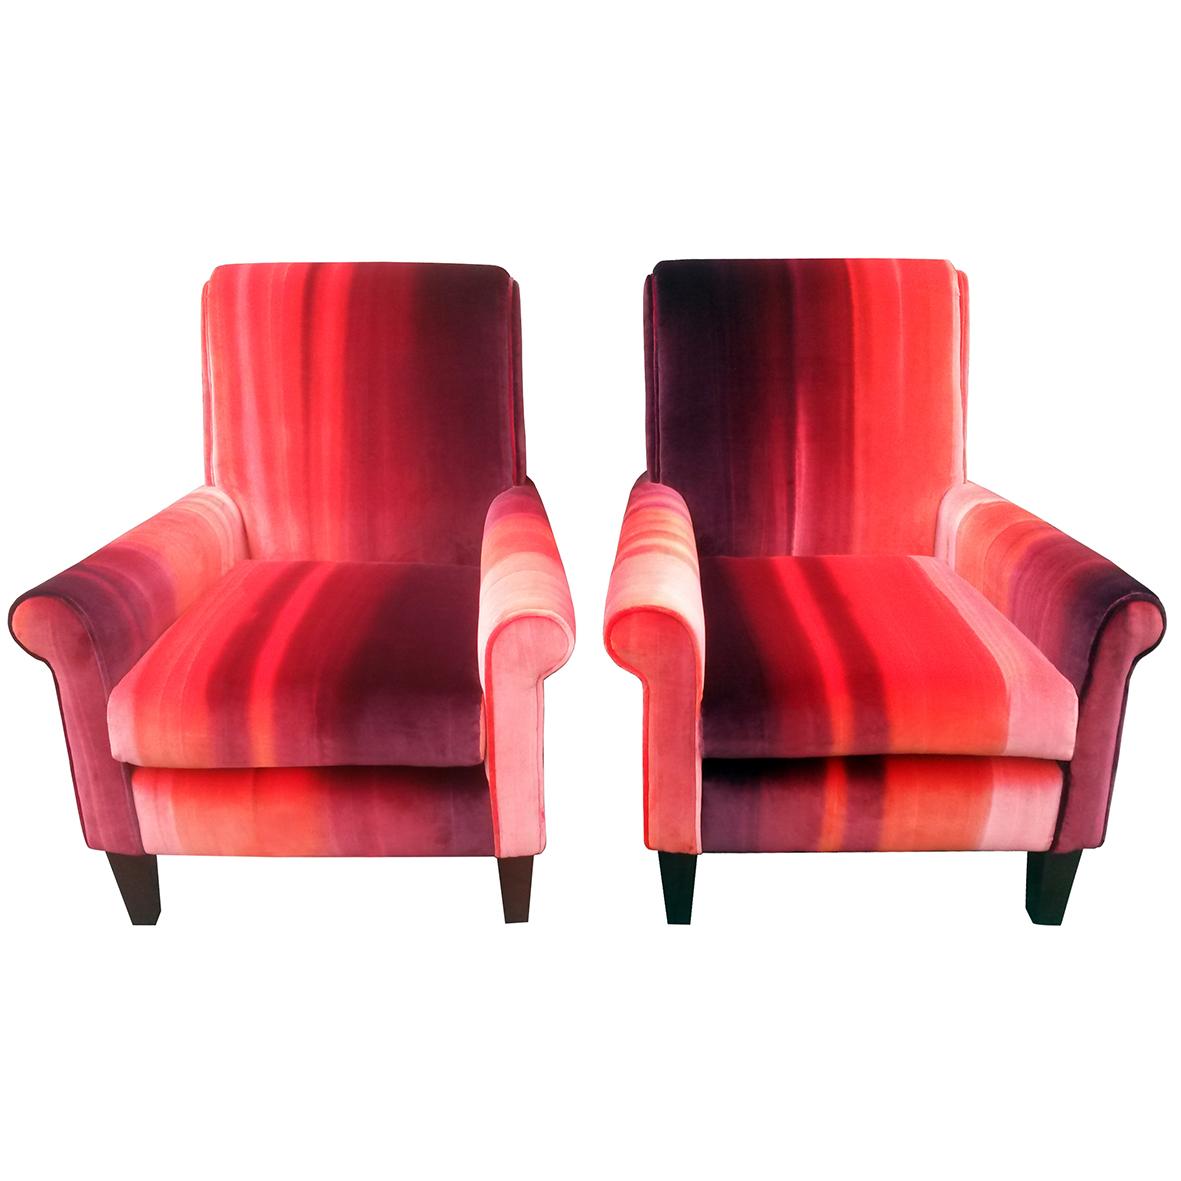 fabric_textiles_bespoke_glasgow_bobbin_fleck_furniture_upholstery_re-upholster_traditional_modern_cane_mid-century_vintage_restore_velvet_rehab.jpg